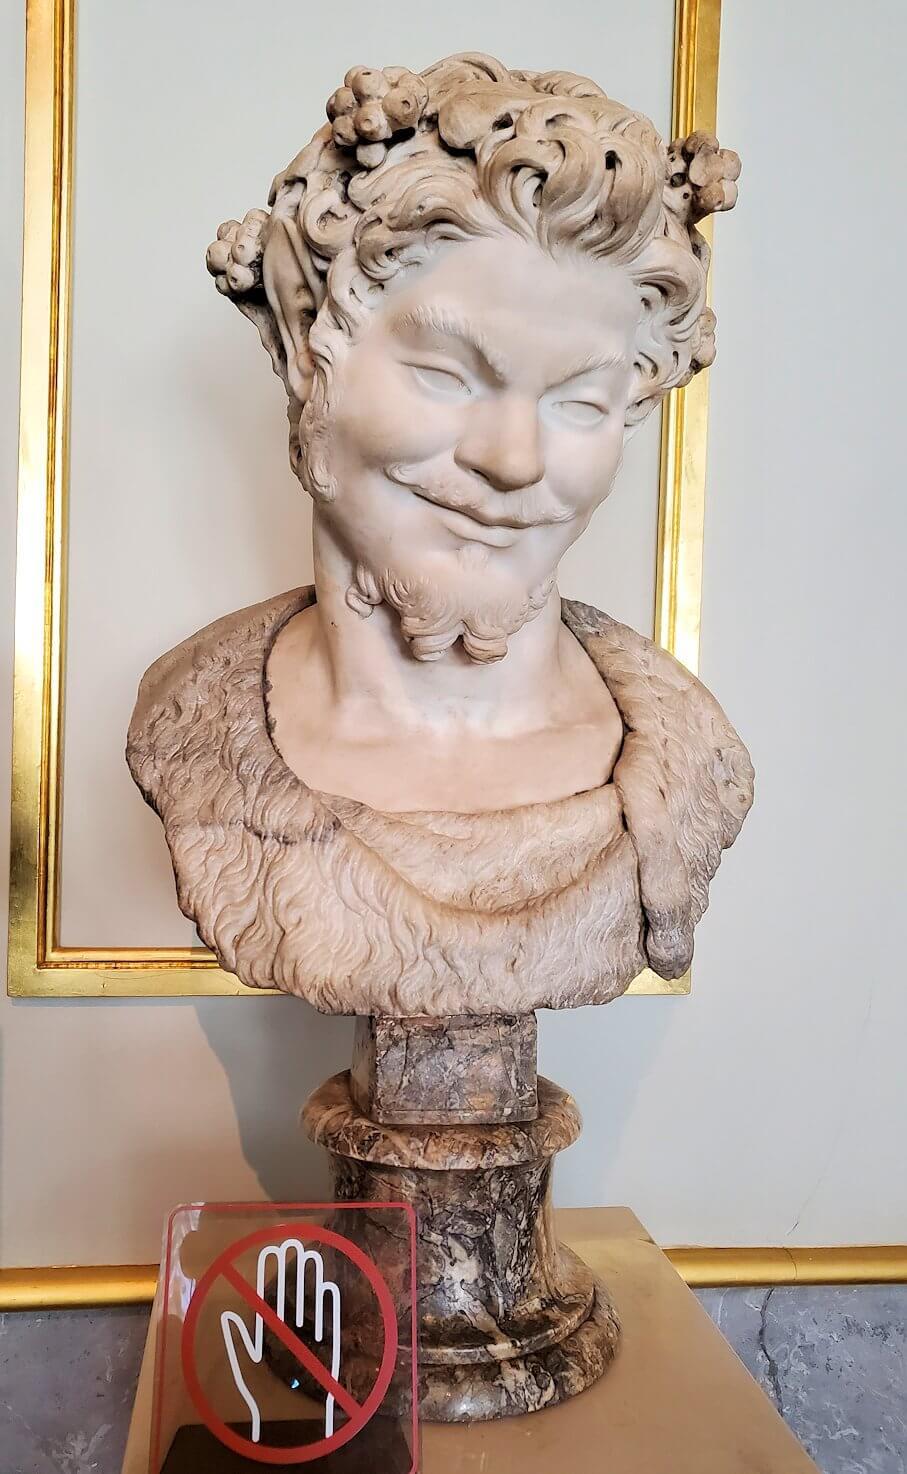 『ファウヌス』の像